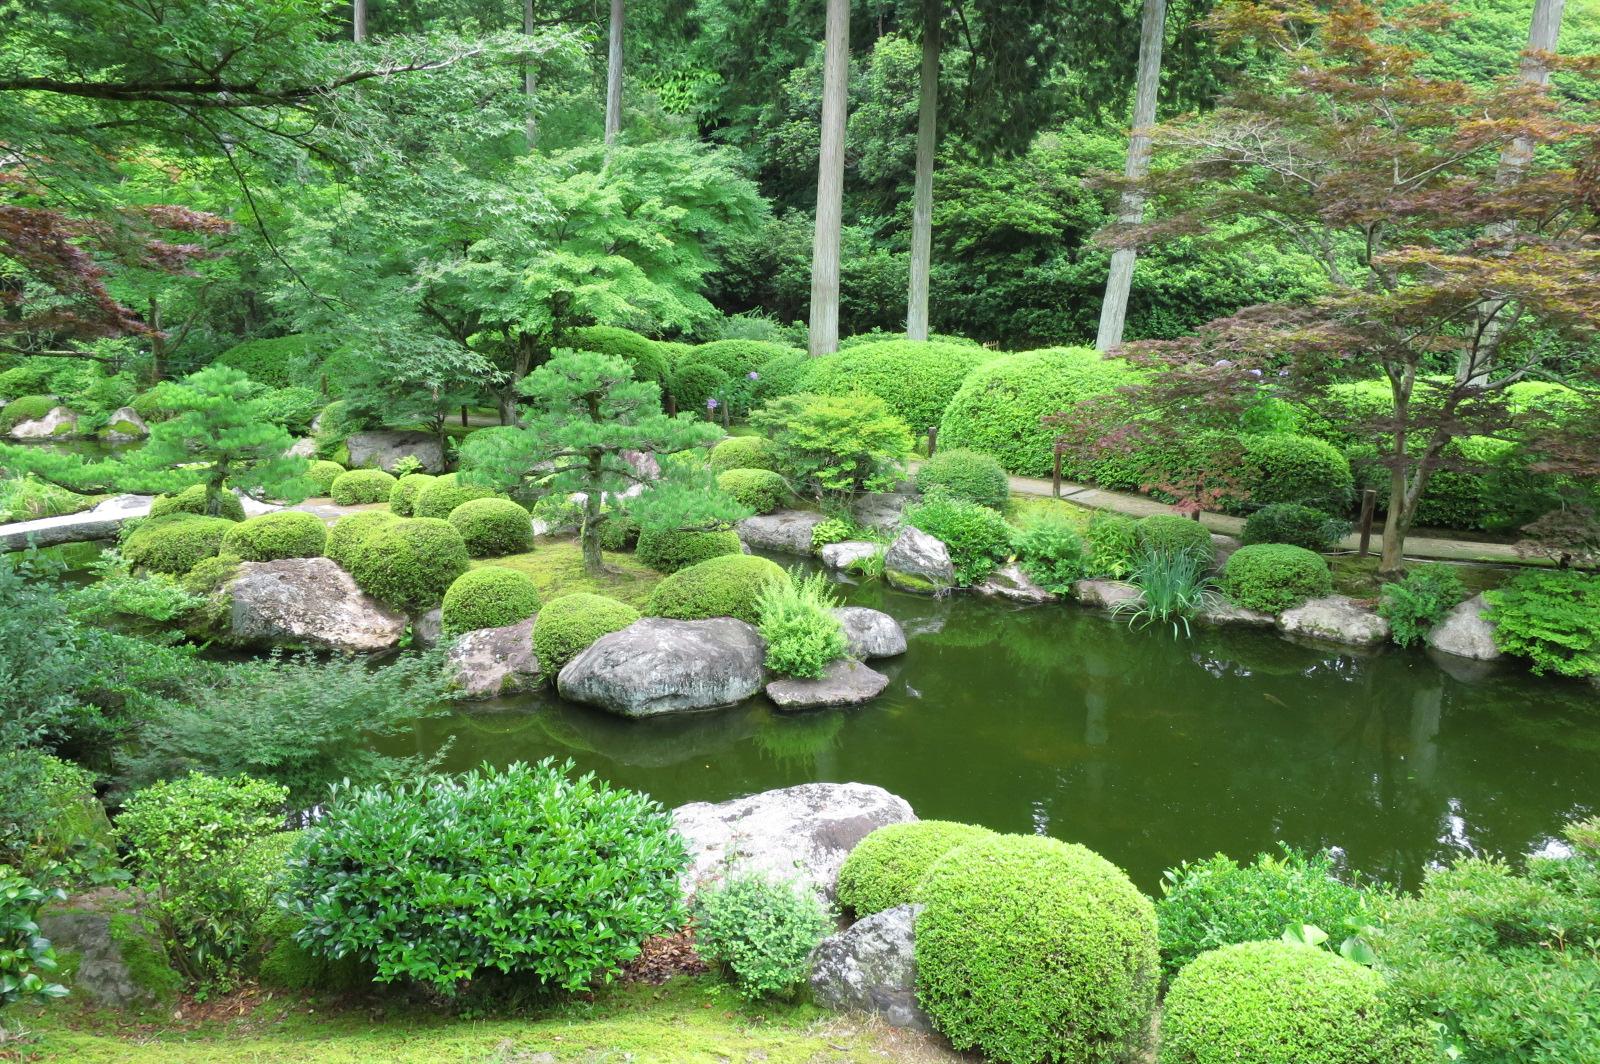 大きな池の周囲に散策路があり、各地の景勝を再現した池泉回遊式庭園。